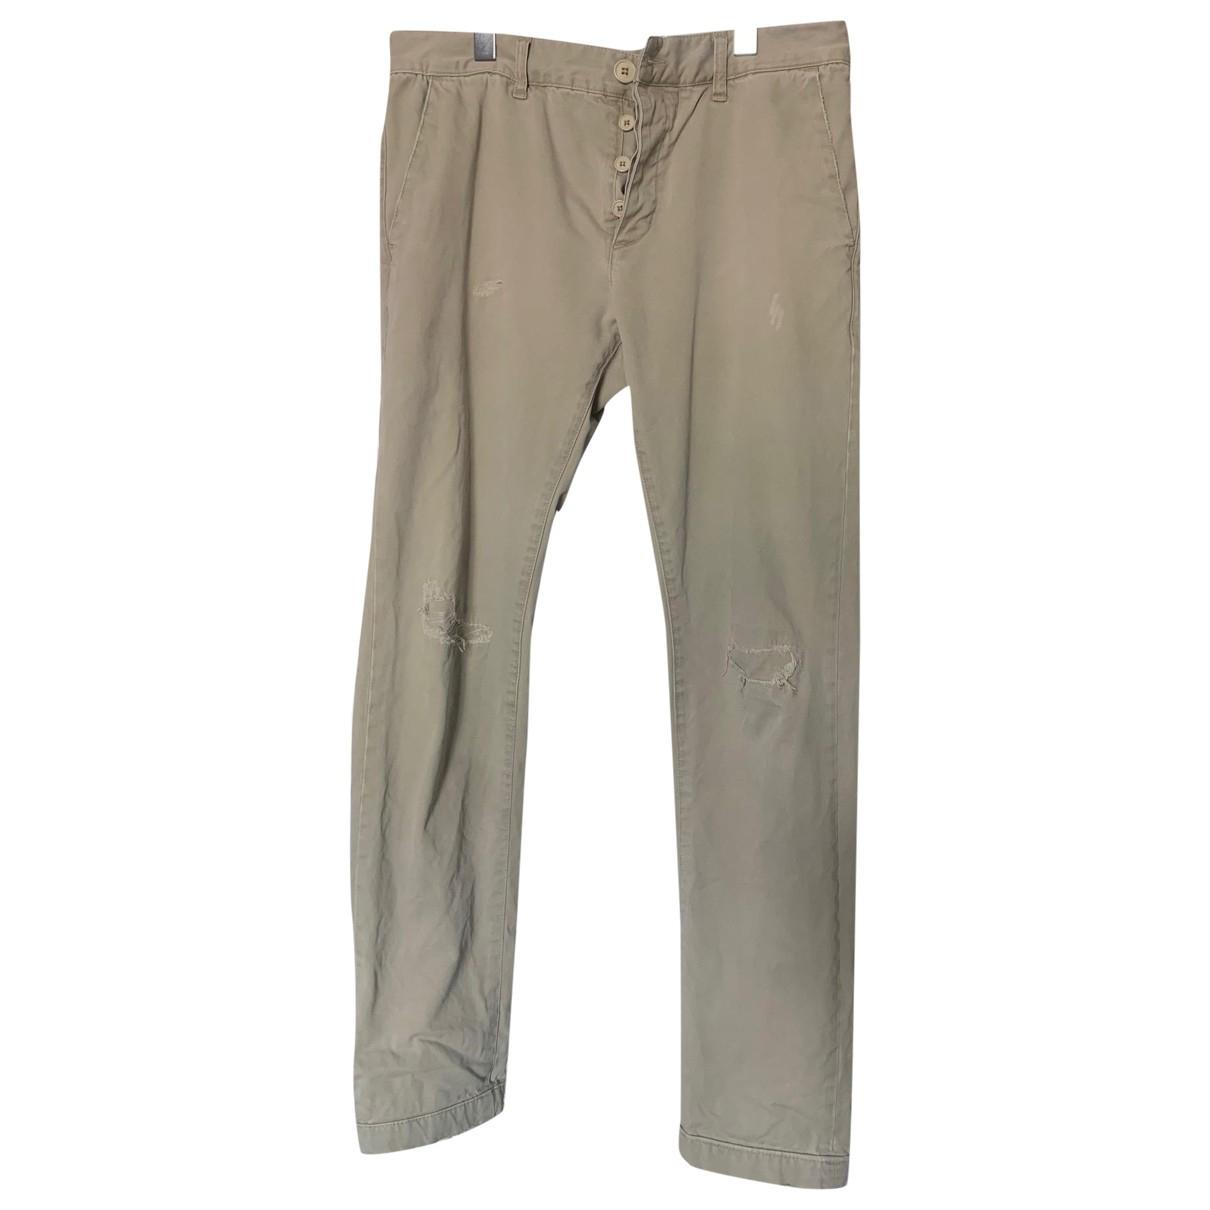 Pantalones en Algodon Caqui Saint Laurent